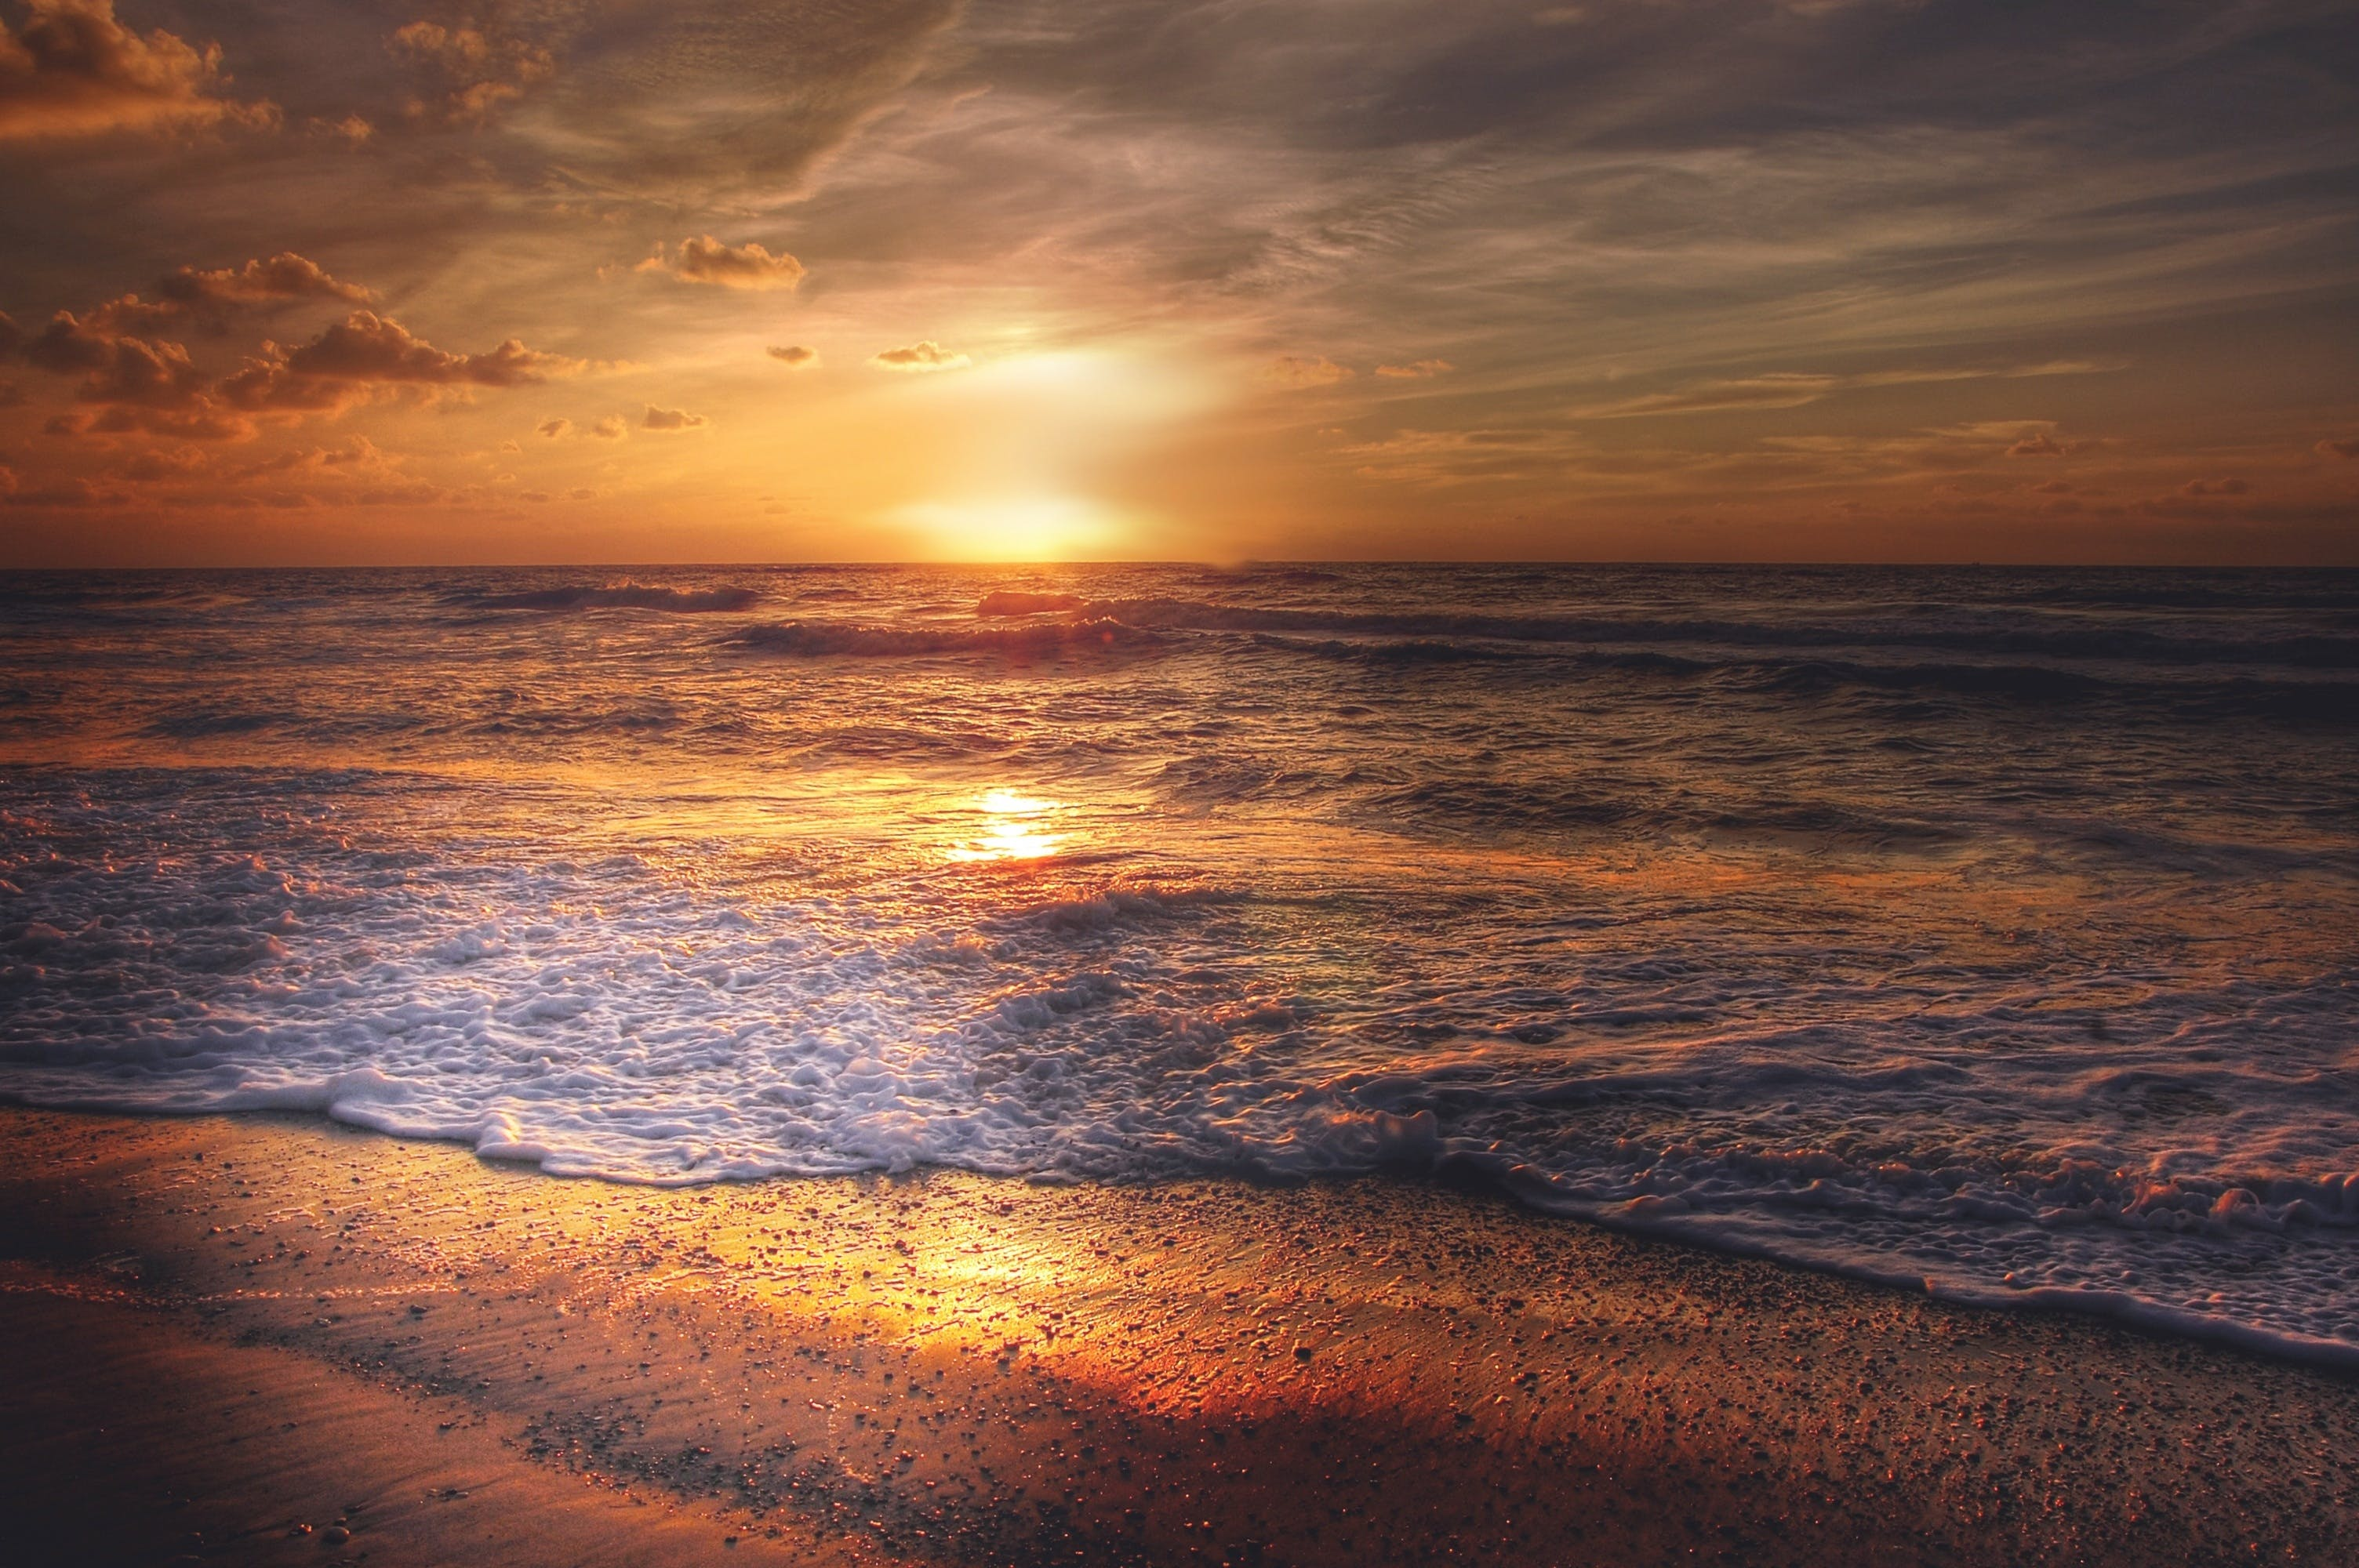 Δωρεάν στοκ φωτογραφιών με ακτή, ακτίνα ήλιου, άμμος, αντανάκλαση